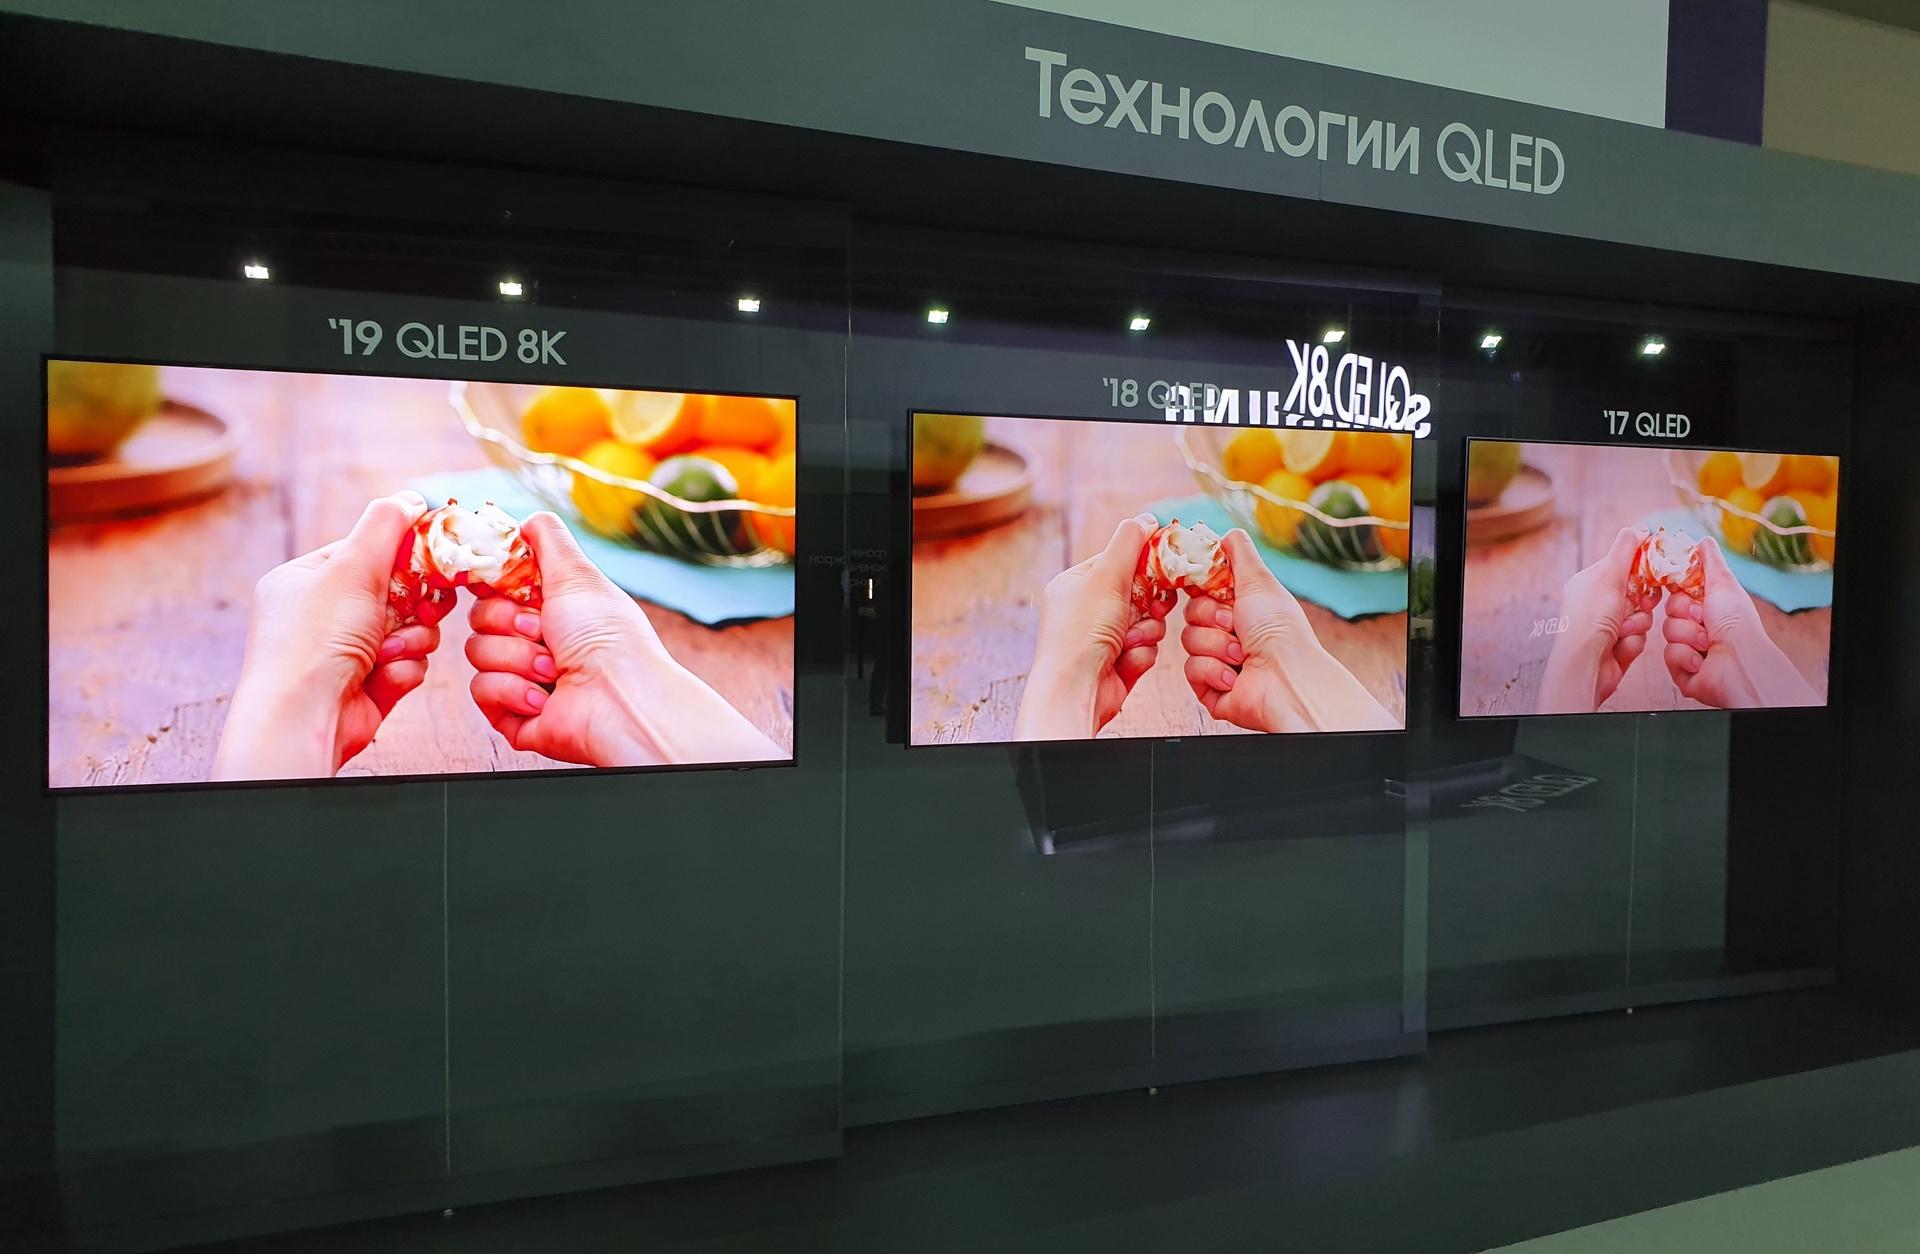 Телевизоры Samsung в 2019 году: QLED 8K с процессором Quantum 8K, модели The Frame, The Serif и модульный The Wall